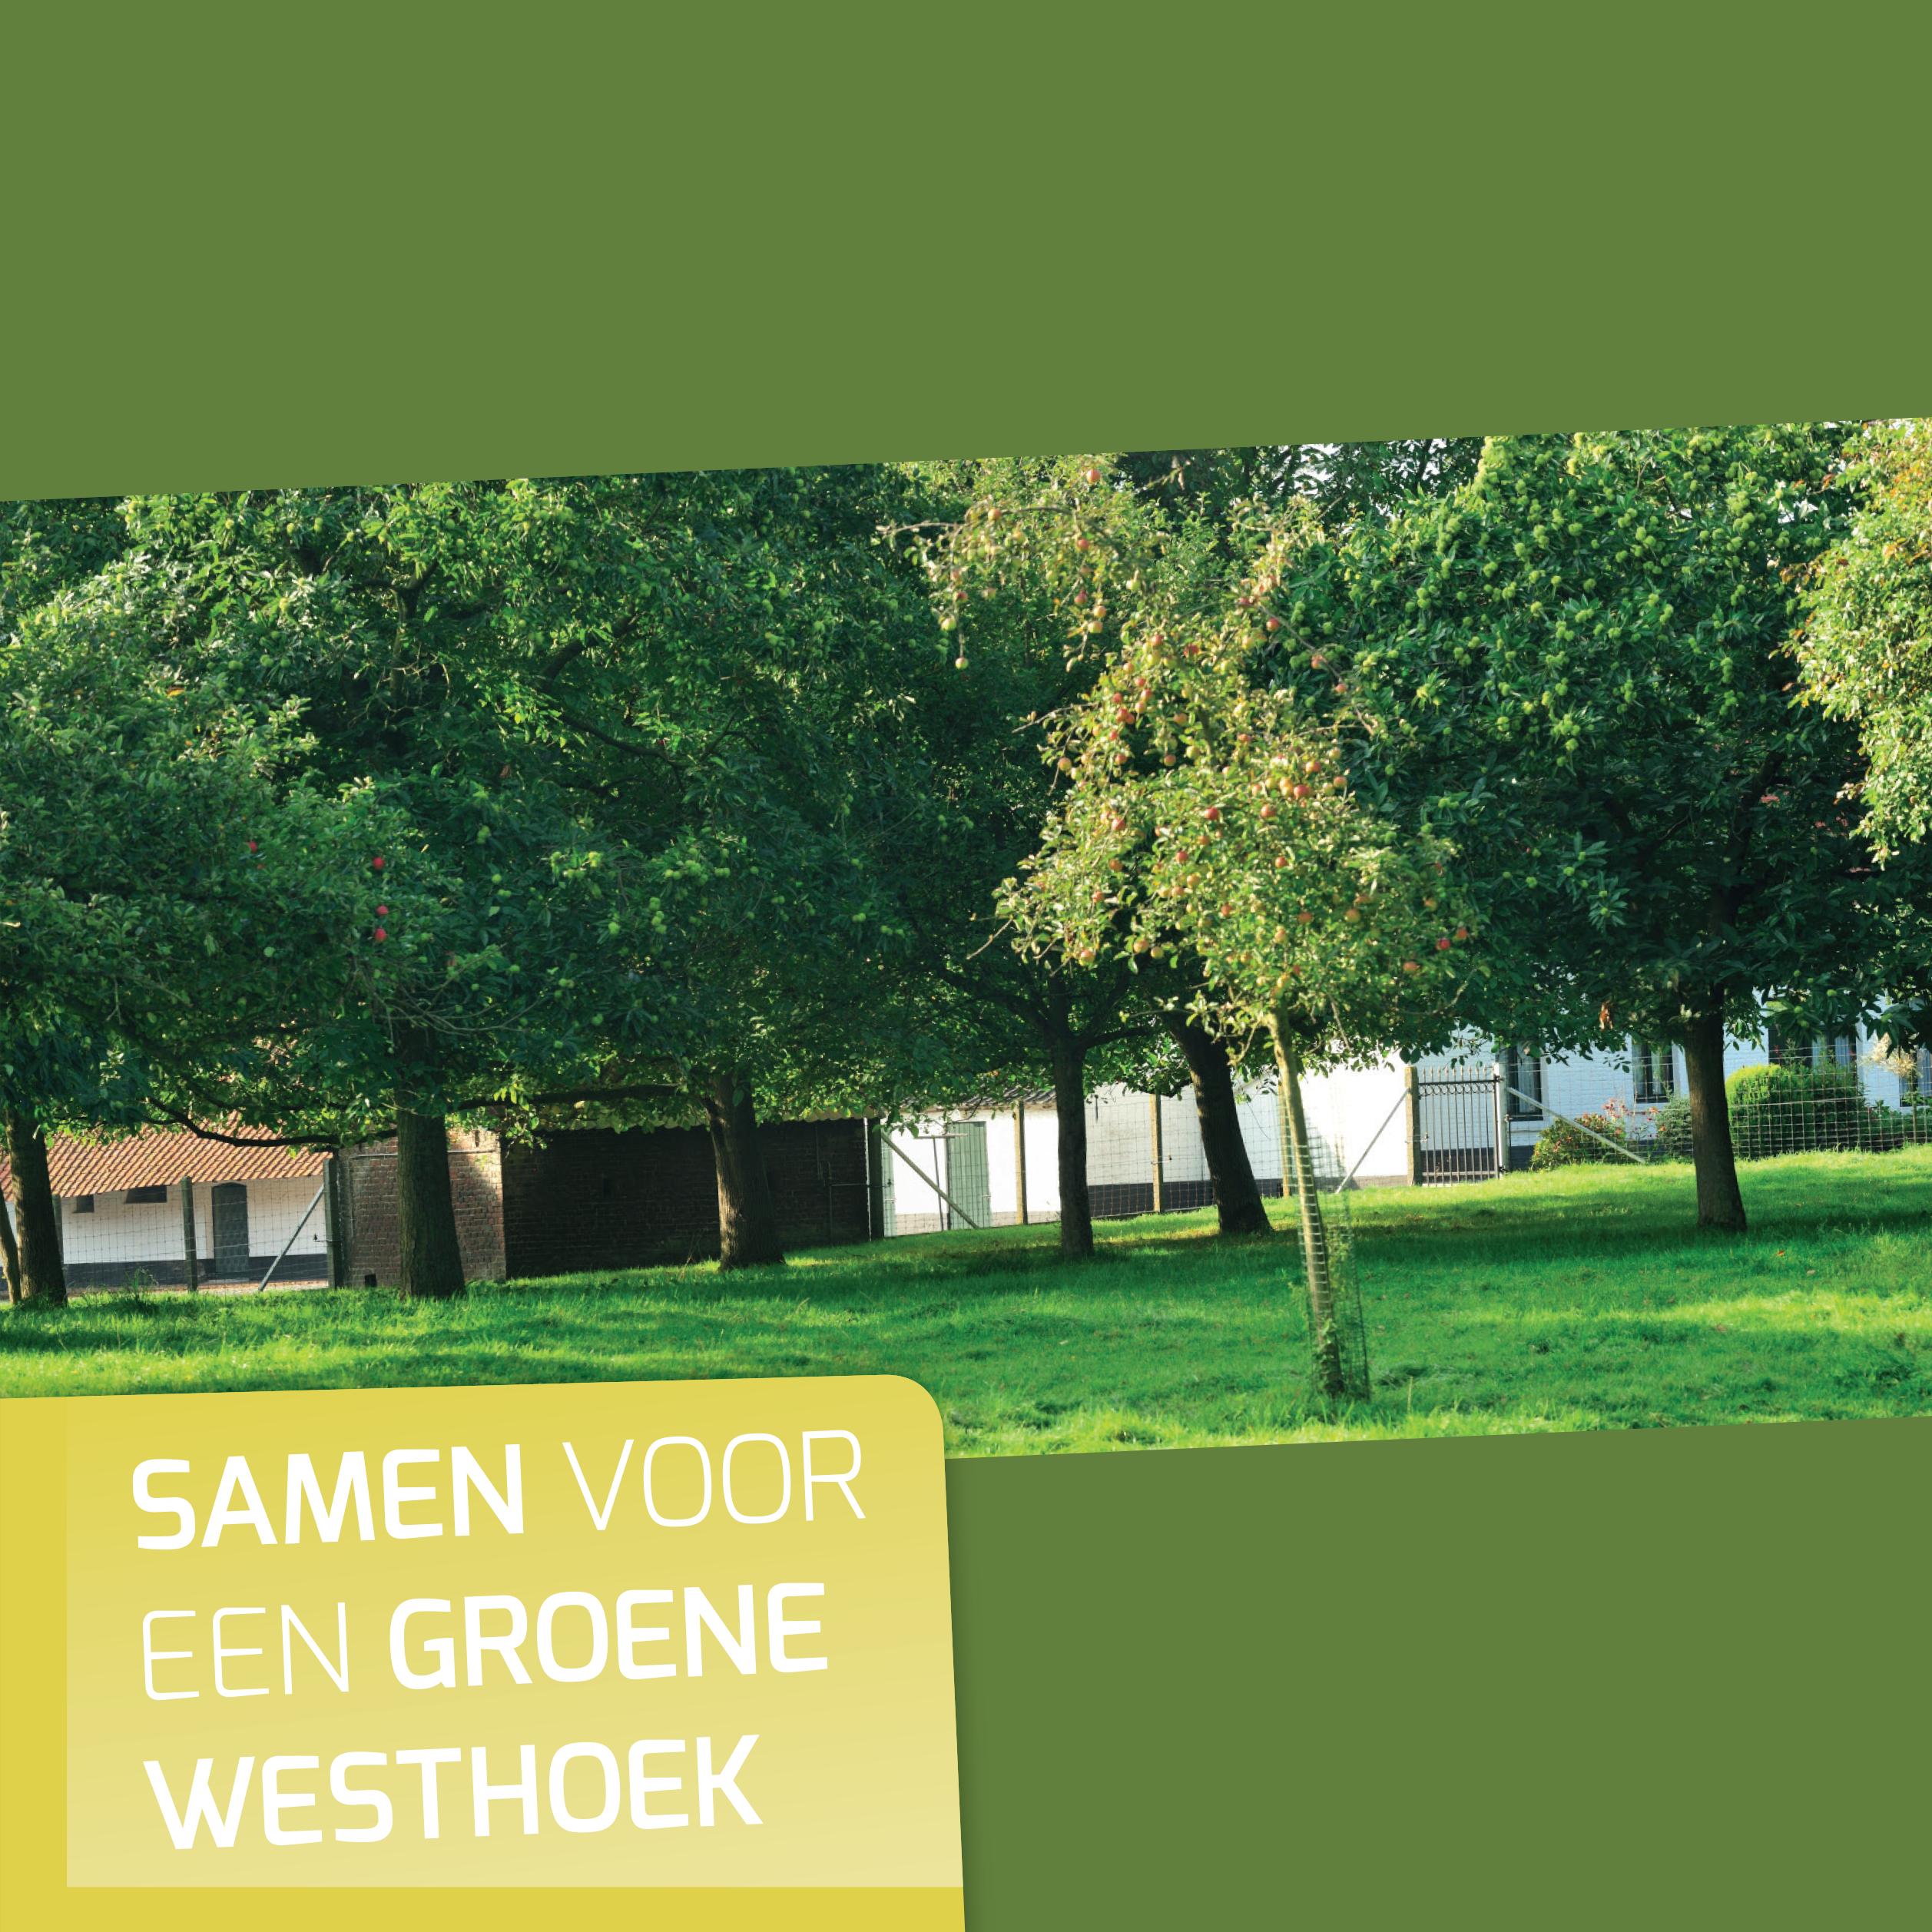 Samen voor een groene Westhoek